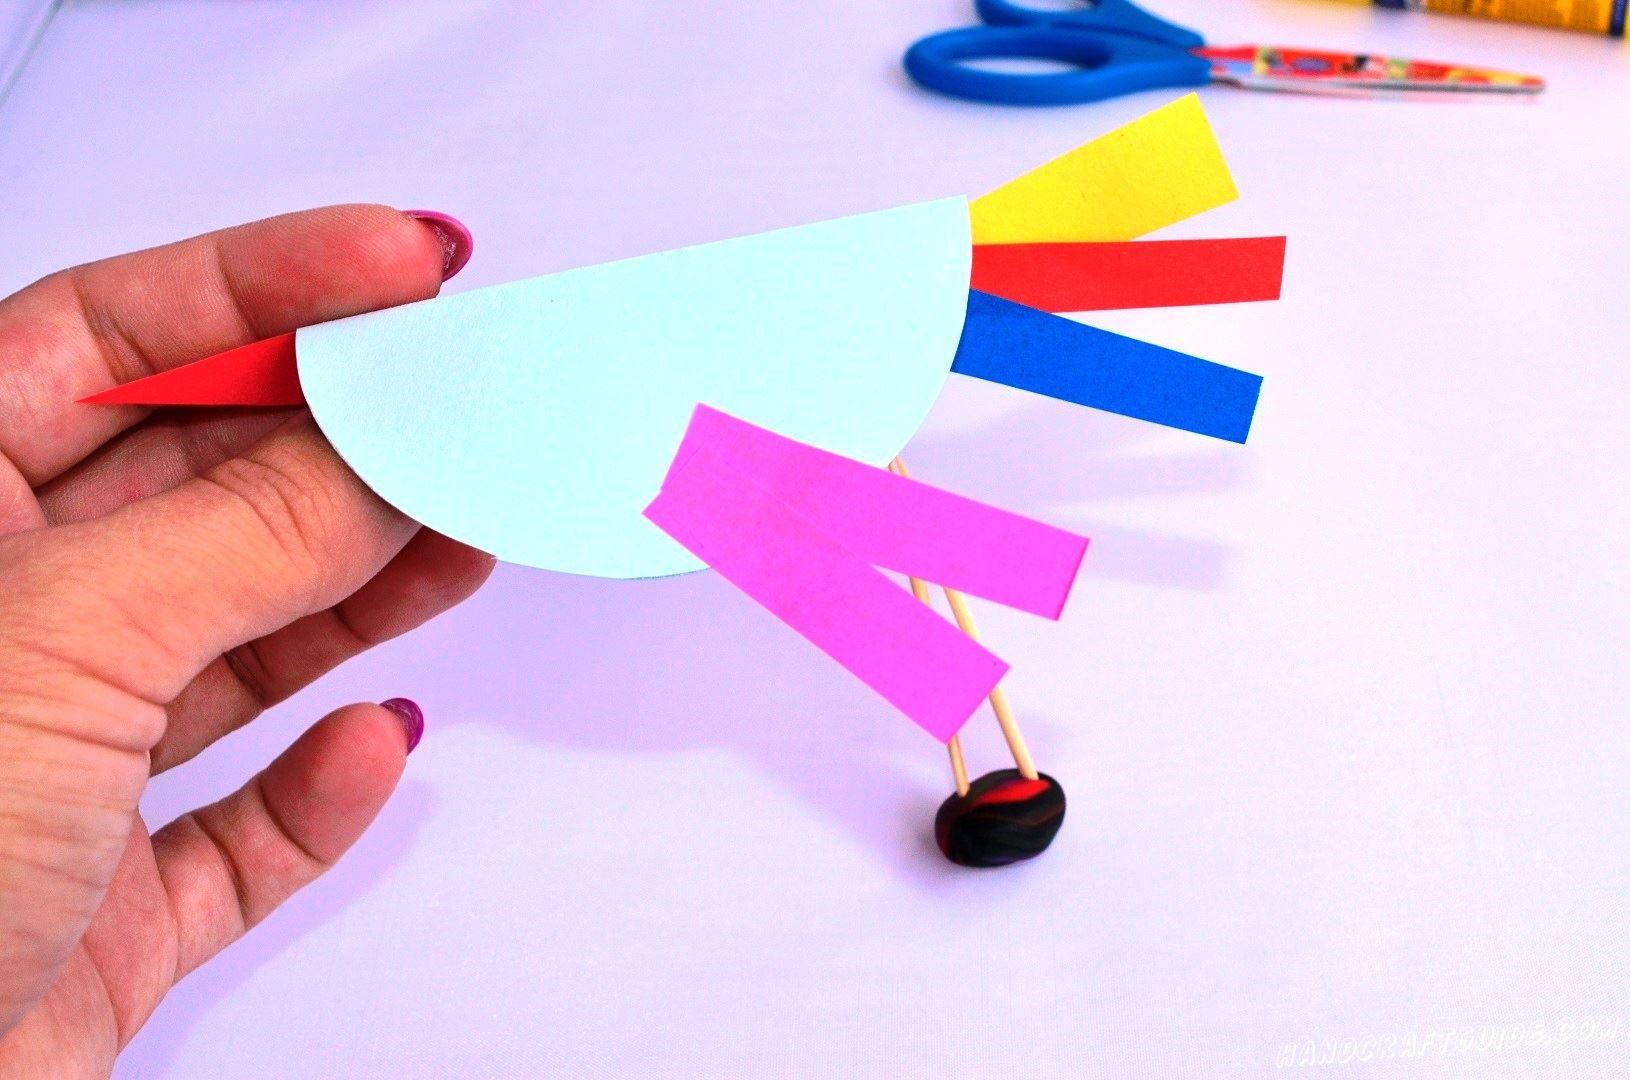 Давайте теперь вырежем 2 фиолетовые полоски и приклеим их на место крылышек.